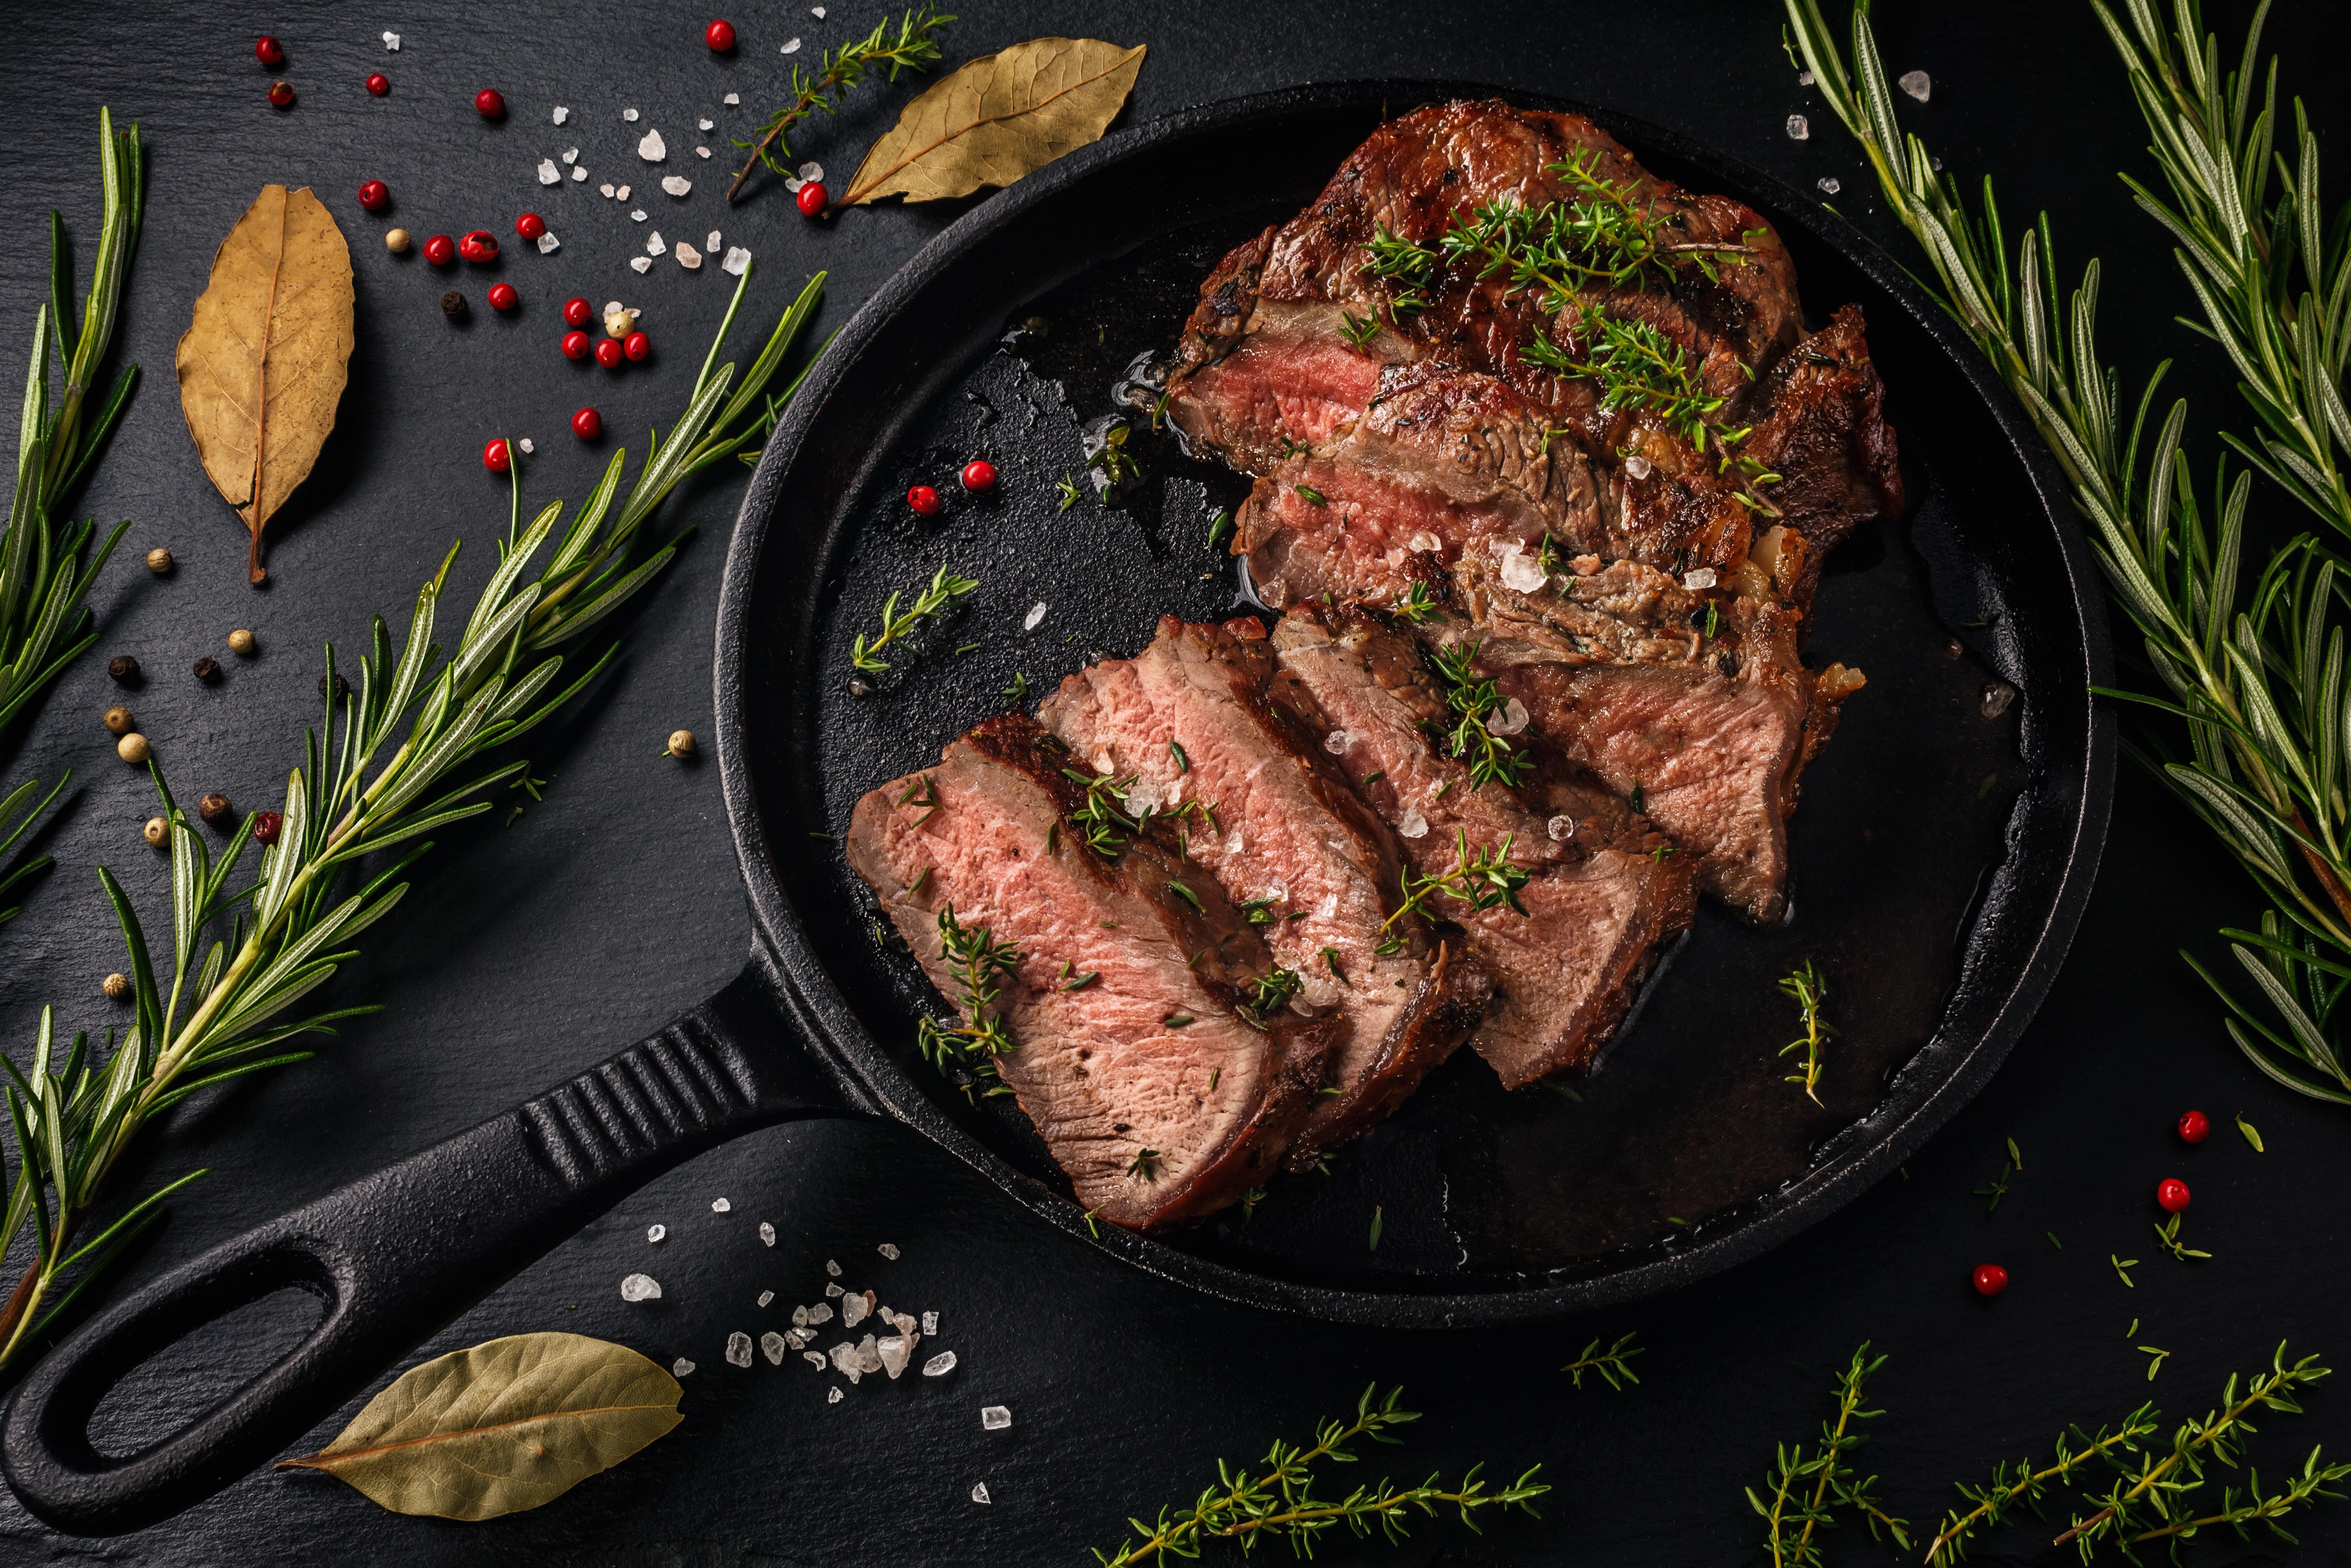 Ontario Beef Steak On Skillet